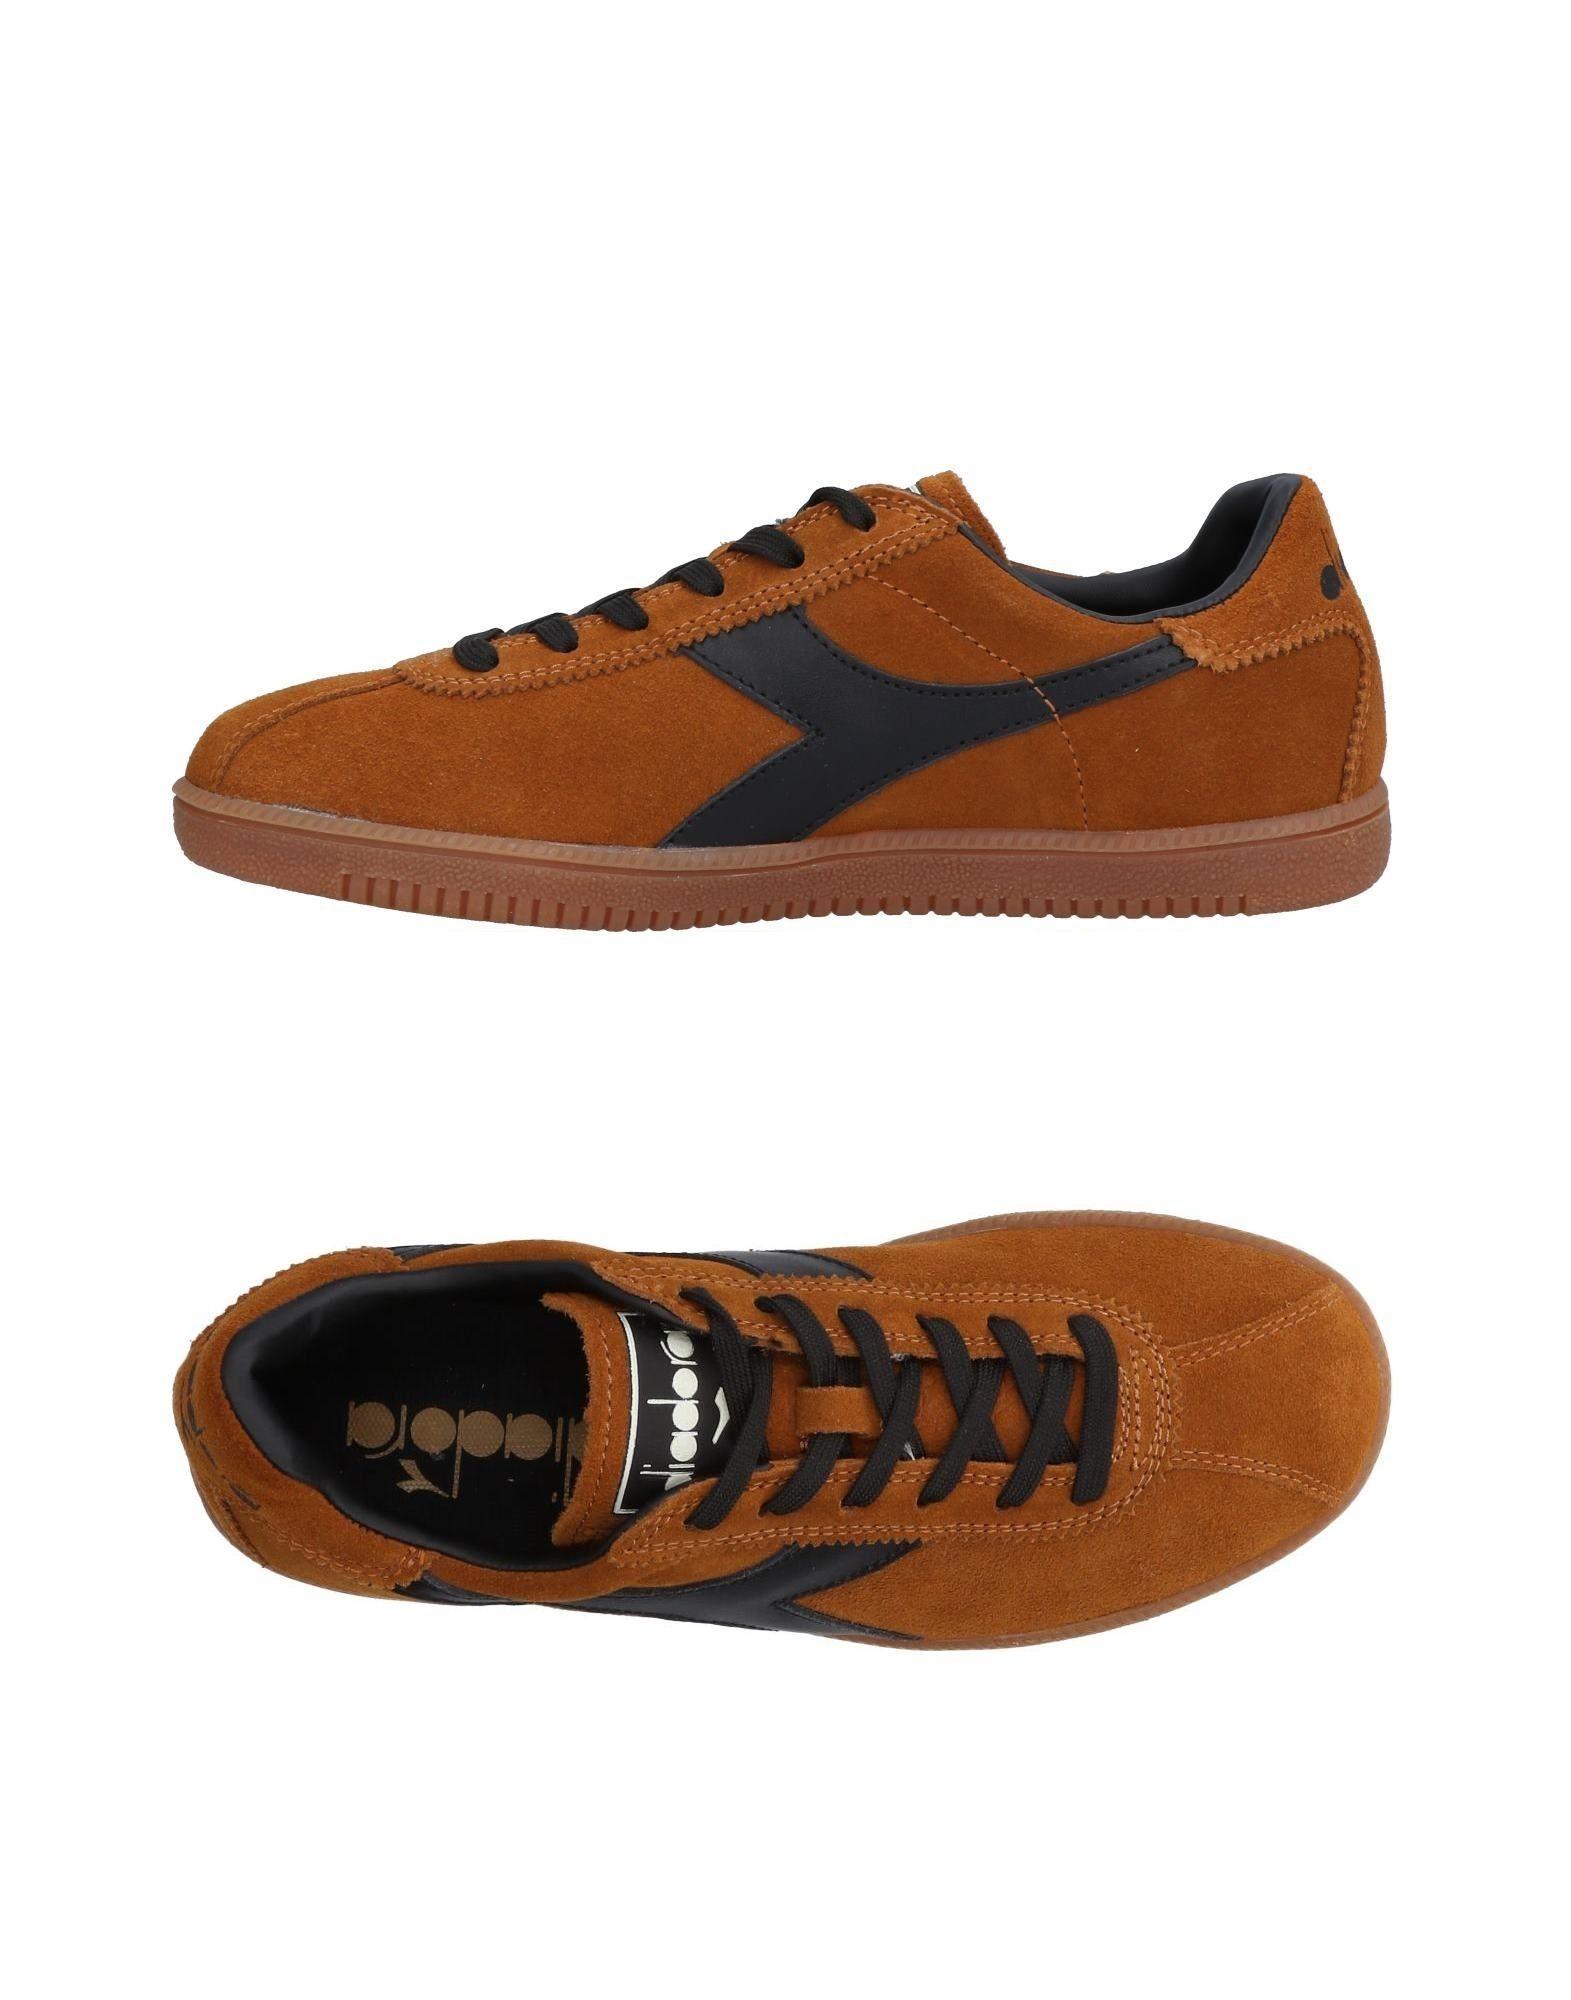 Baskets Diadora Homme - Baskets Diadora  Marron Les chaussures les plus populaires pour les hommes et les femmes